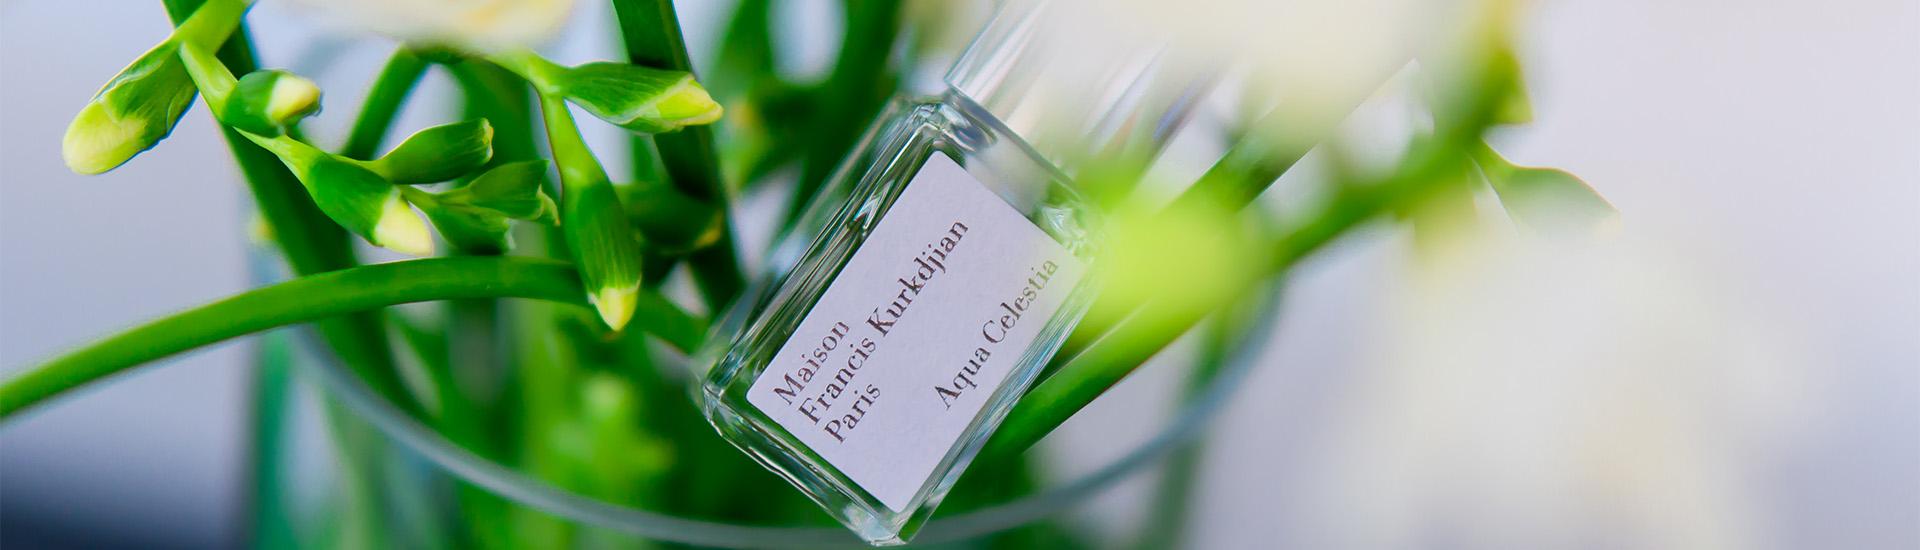 Кристальная свежесть: Aqua Celestia Maison Francis Kurkdjian